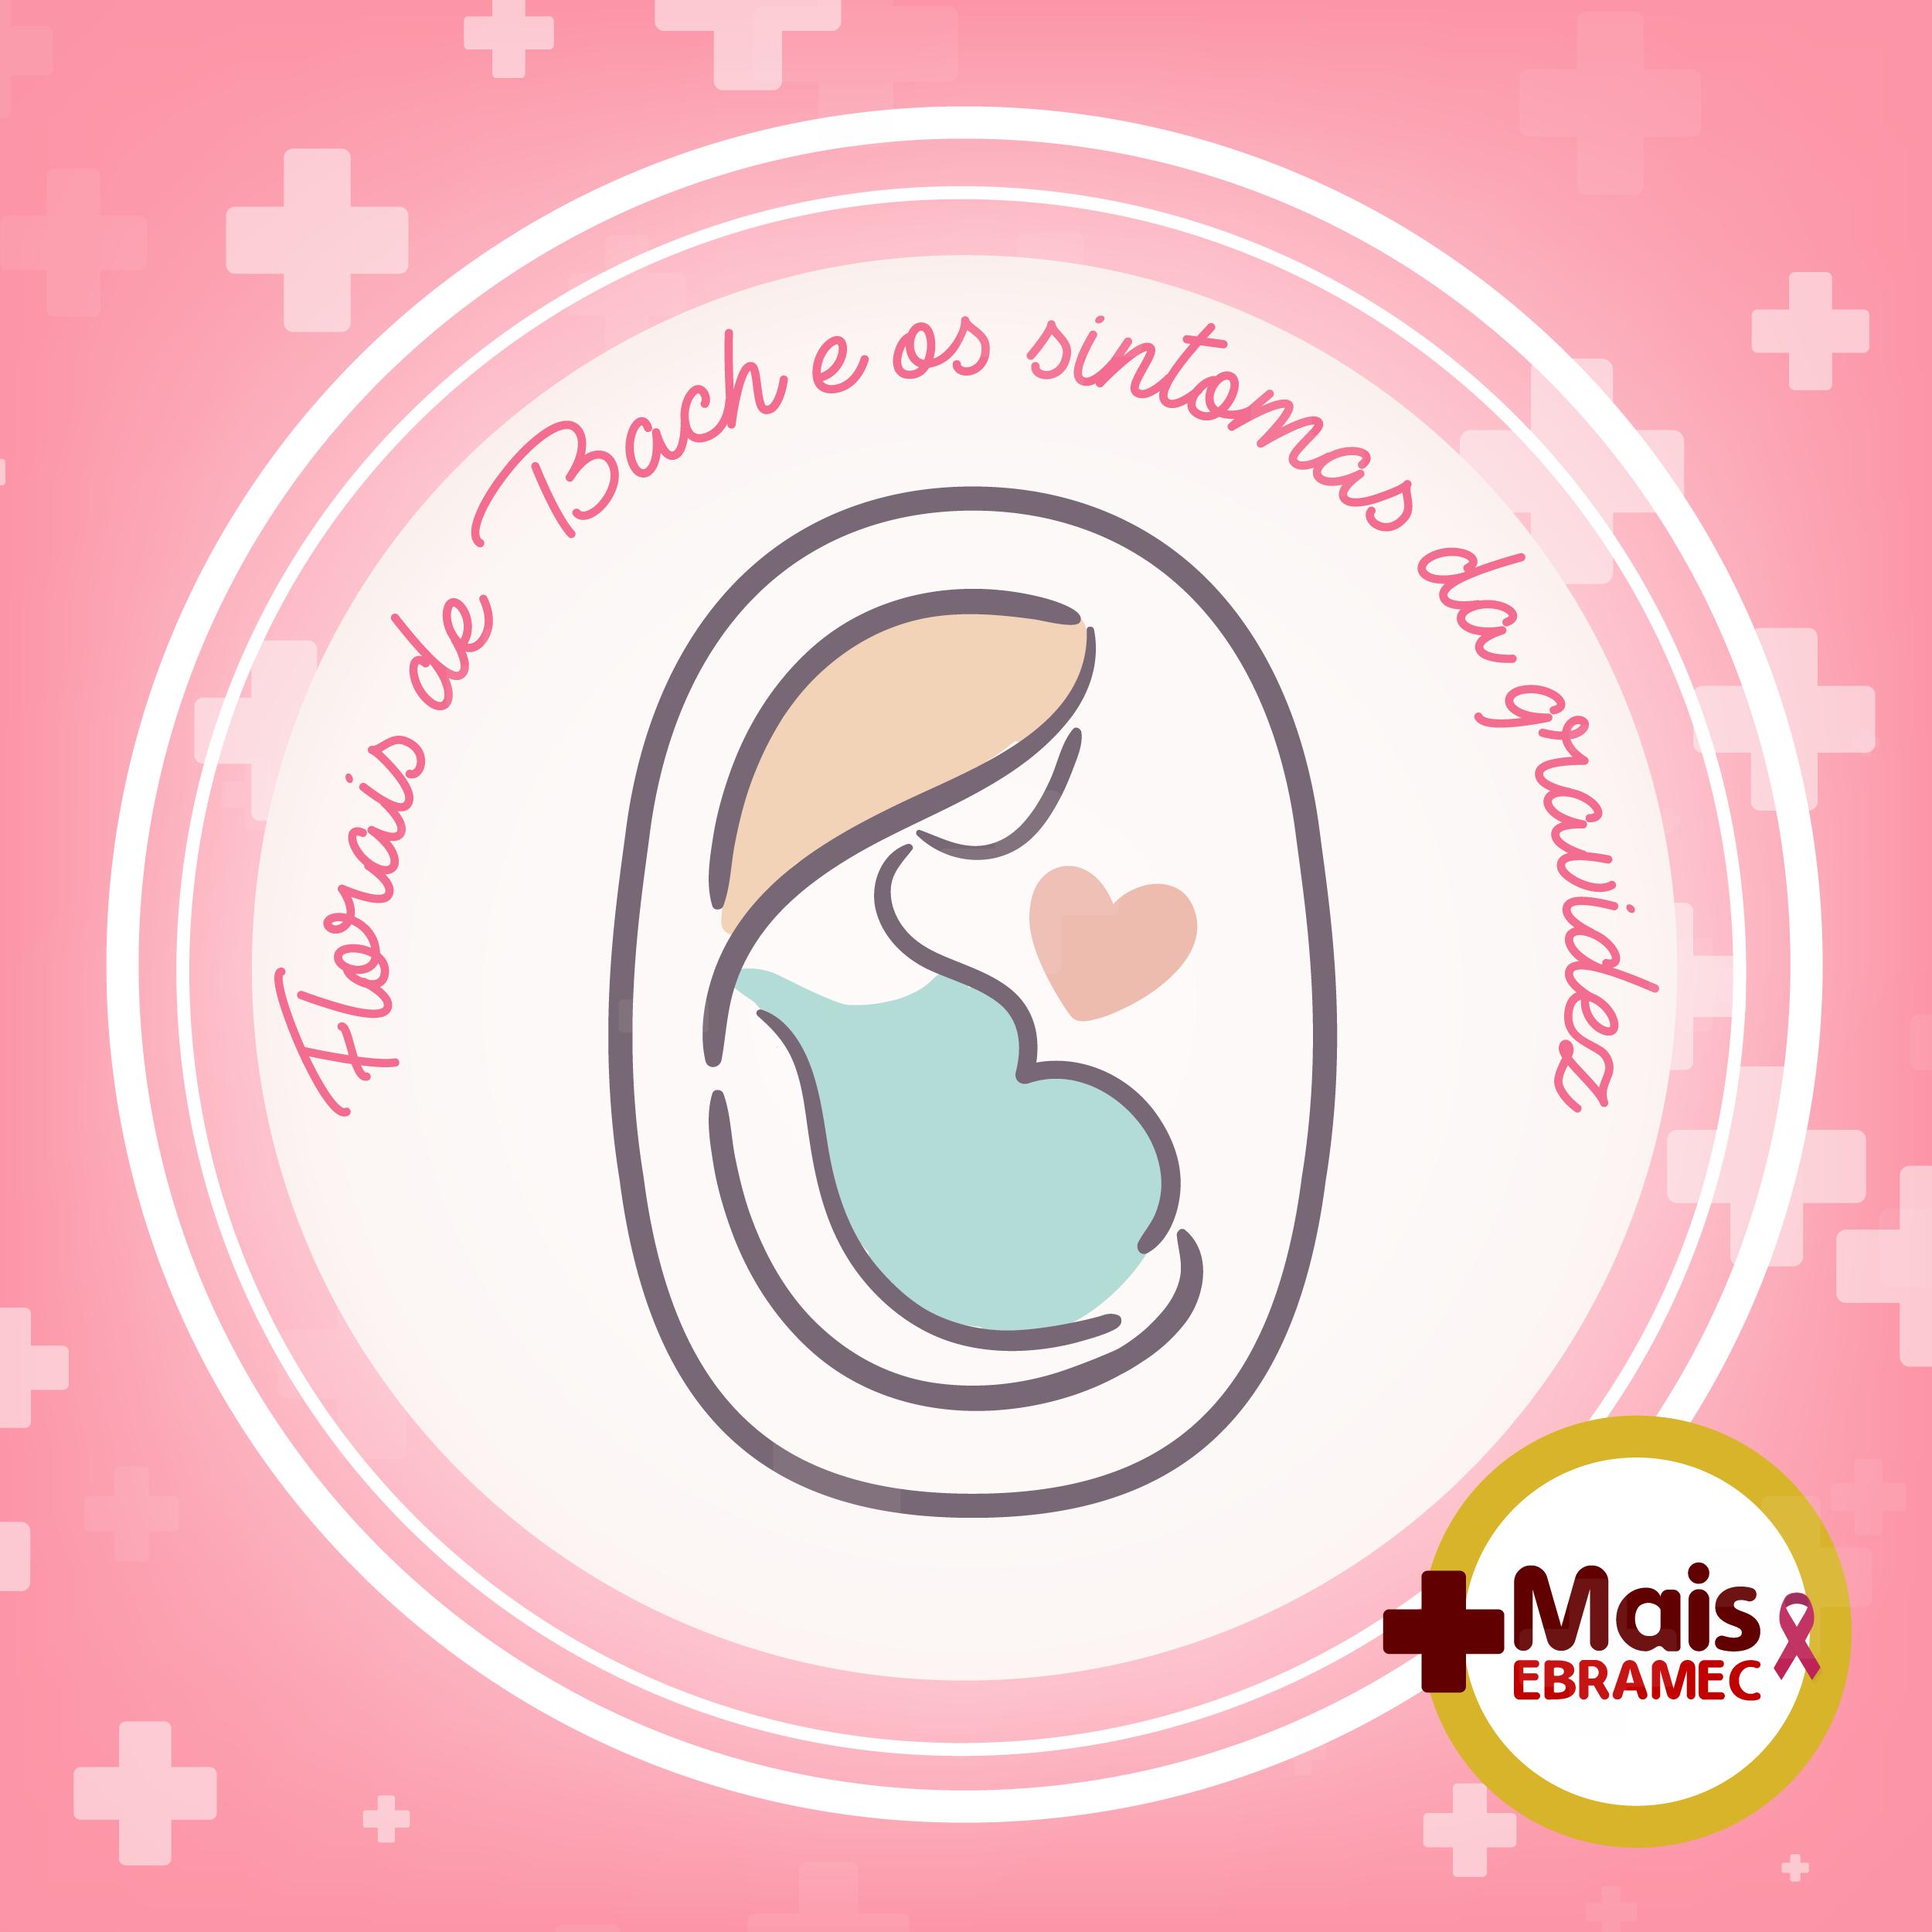 gravidez Florais de Bach e os sintomas da gravidez